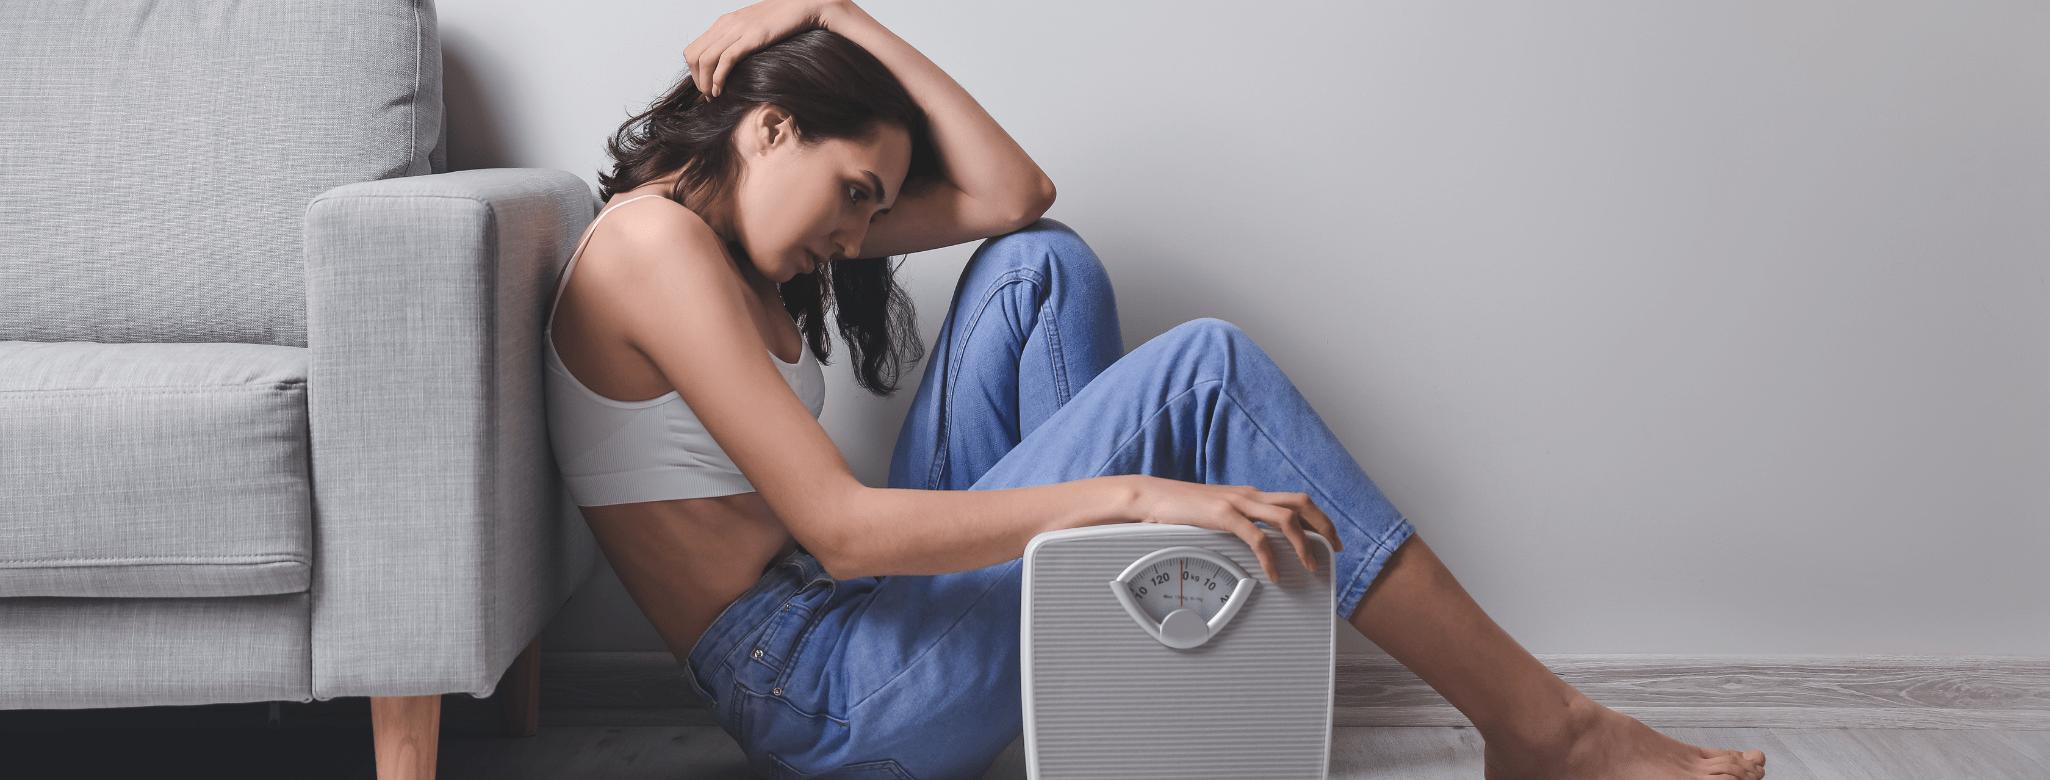 Pregoreksja – anoreksja kobiet w ciąży. Jakie niebezpieczeństwa ze sobą niesie?